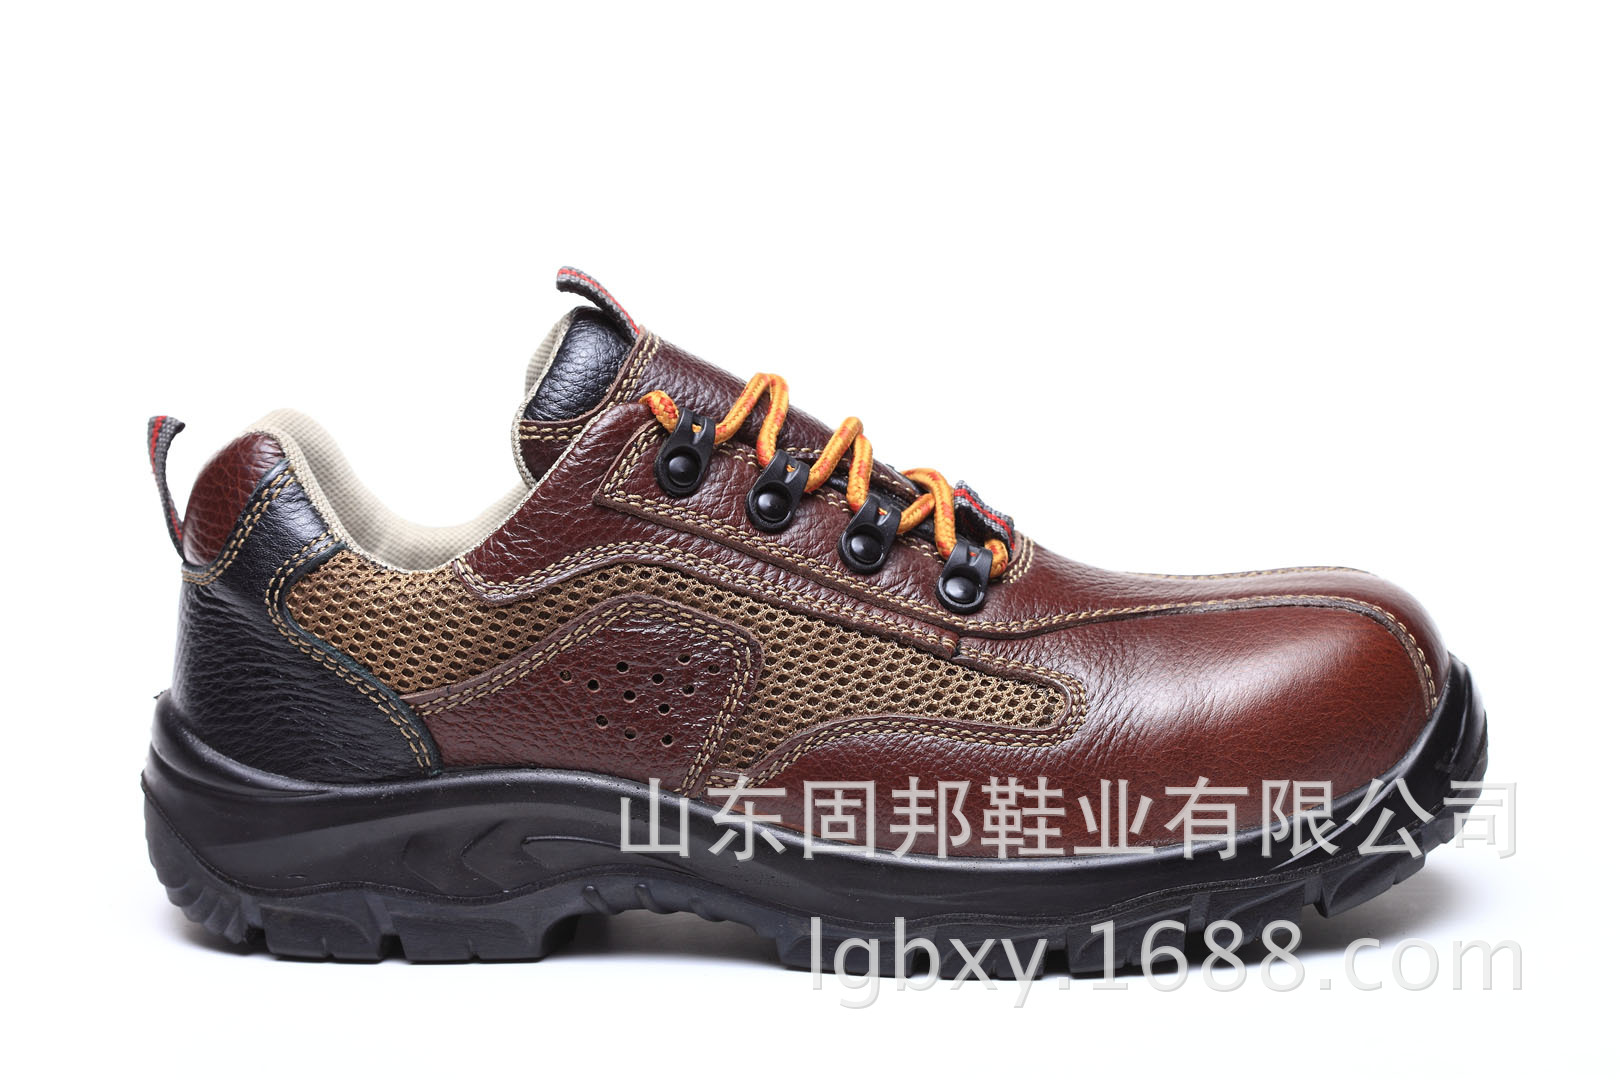 供应头层牛皮休闲款劳保鞋 多功能安全鞋 凉鞋 登山鞋GB-8811